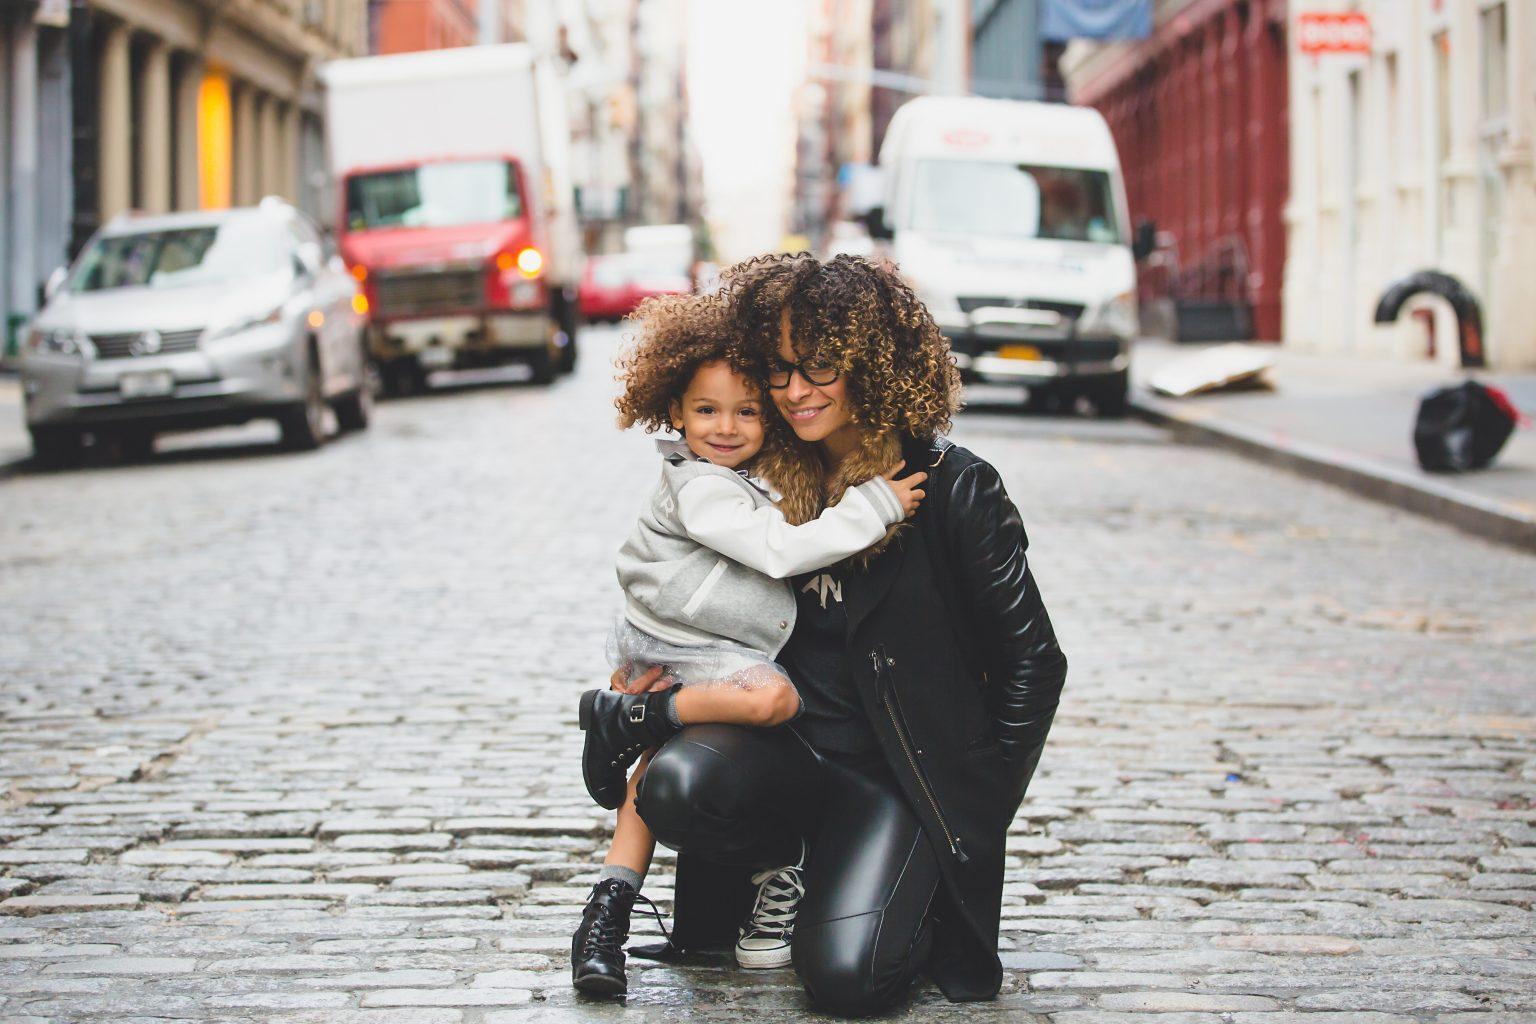 daughter-mole-role-of-a-mom